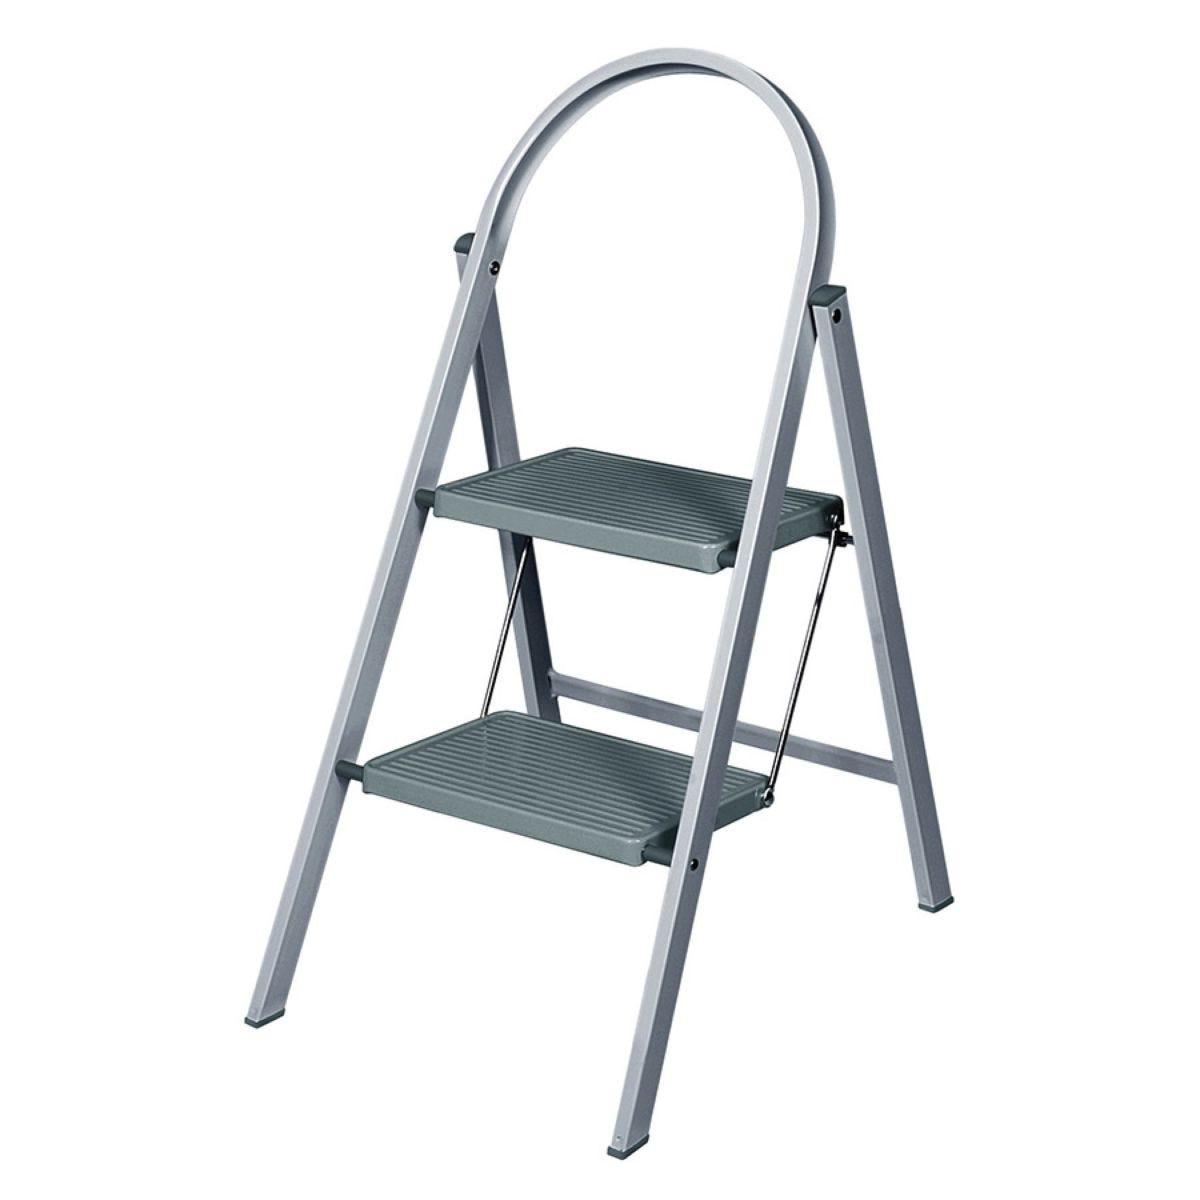 Abru 2-Tread Steel Stepladder - Grey